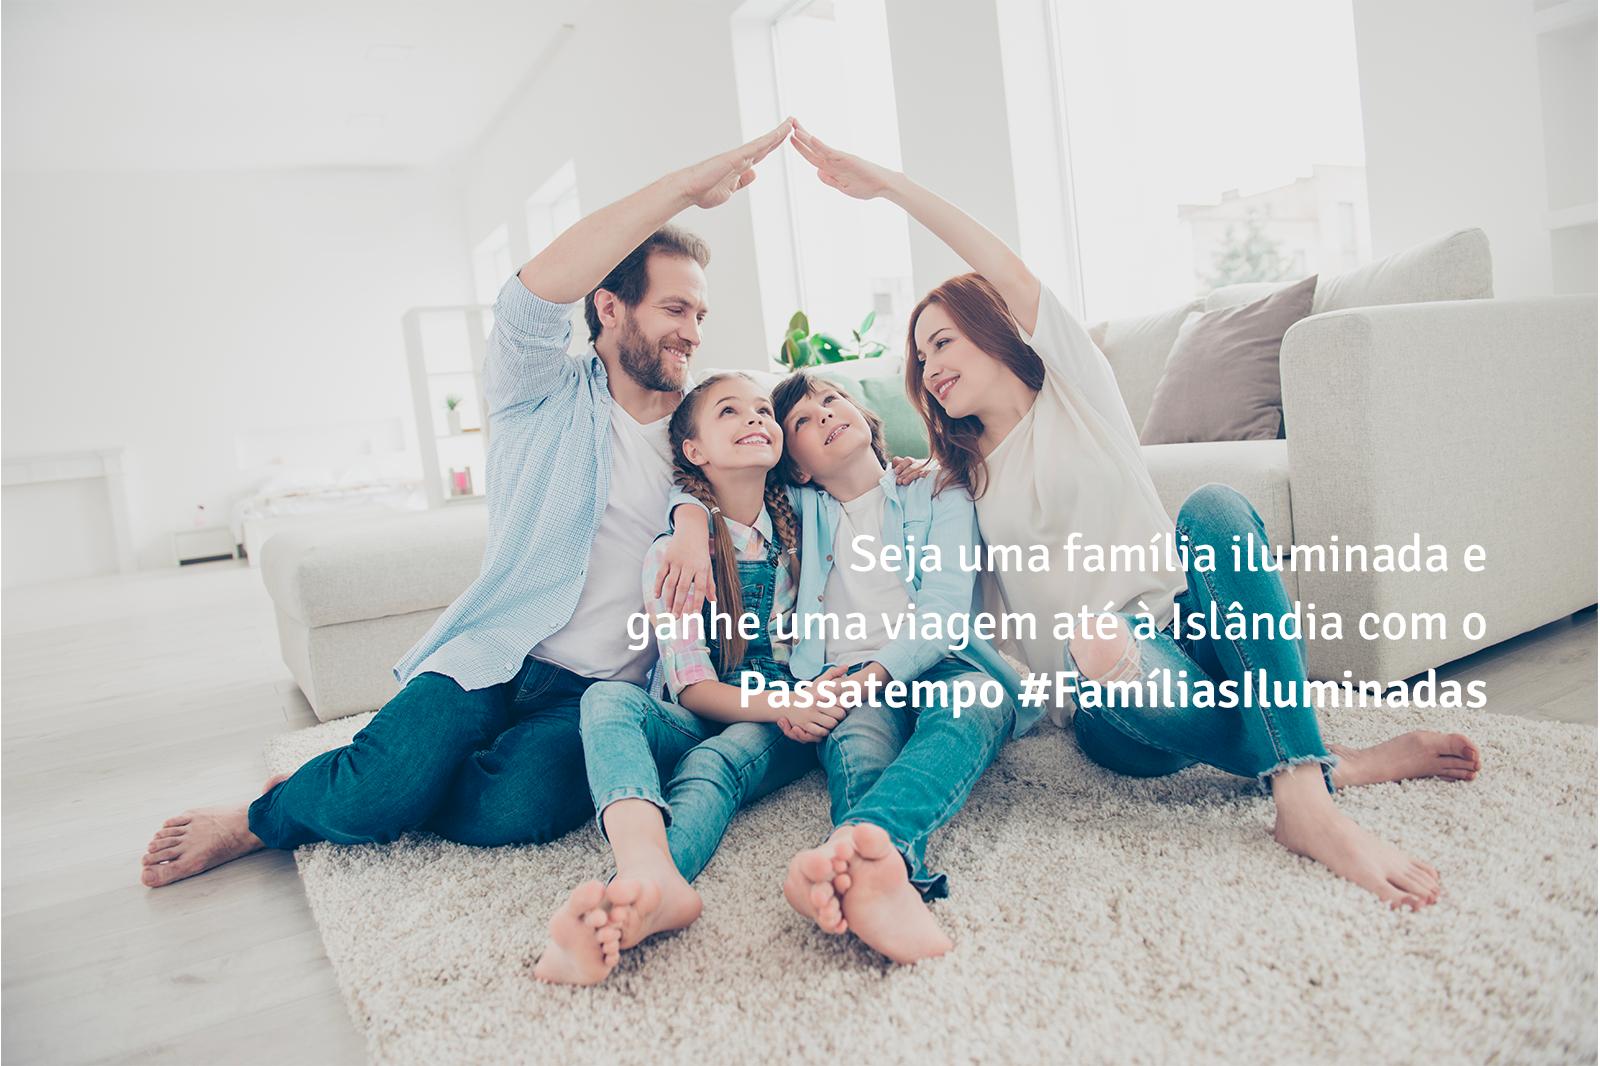 FATURA AMIGA leva famílias iluminadas à Islândia